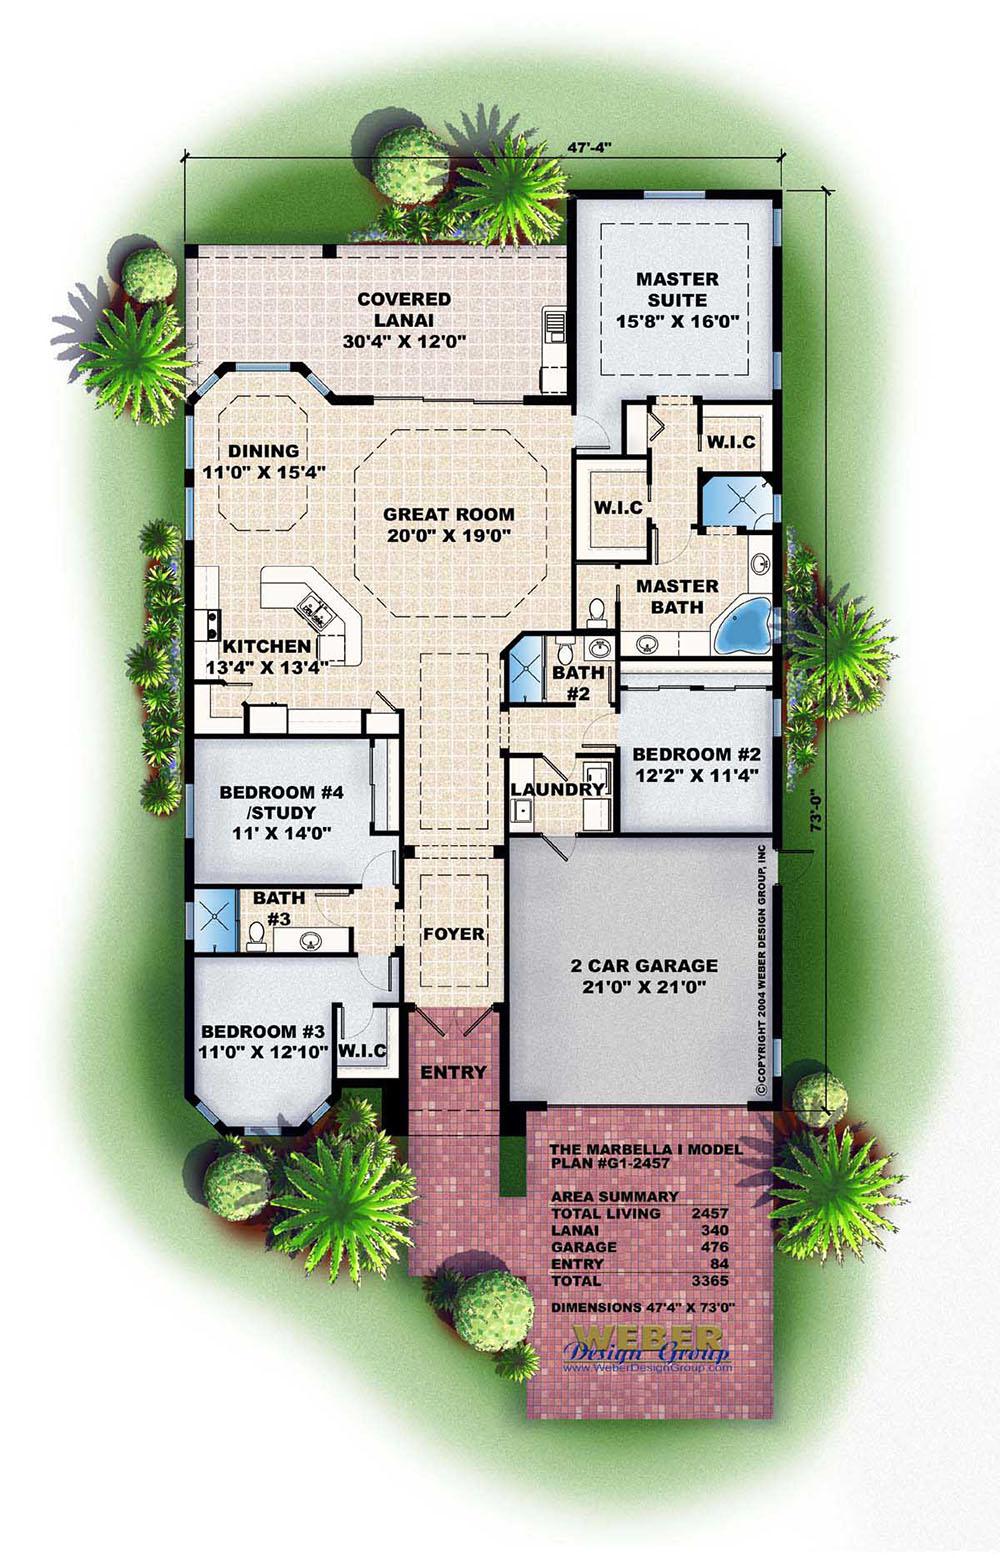 Marbella i home plan weber design group naples fl for Weber designs